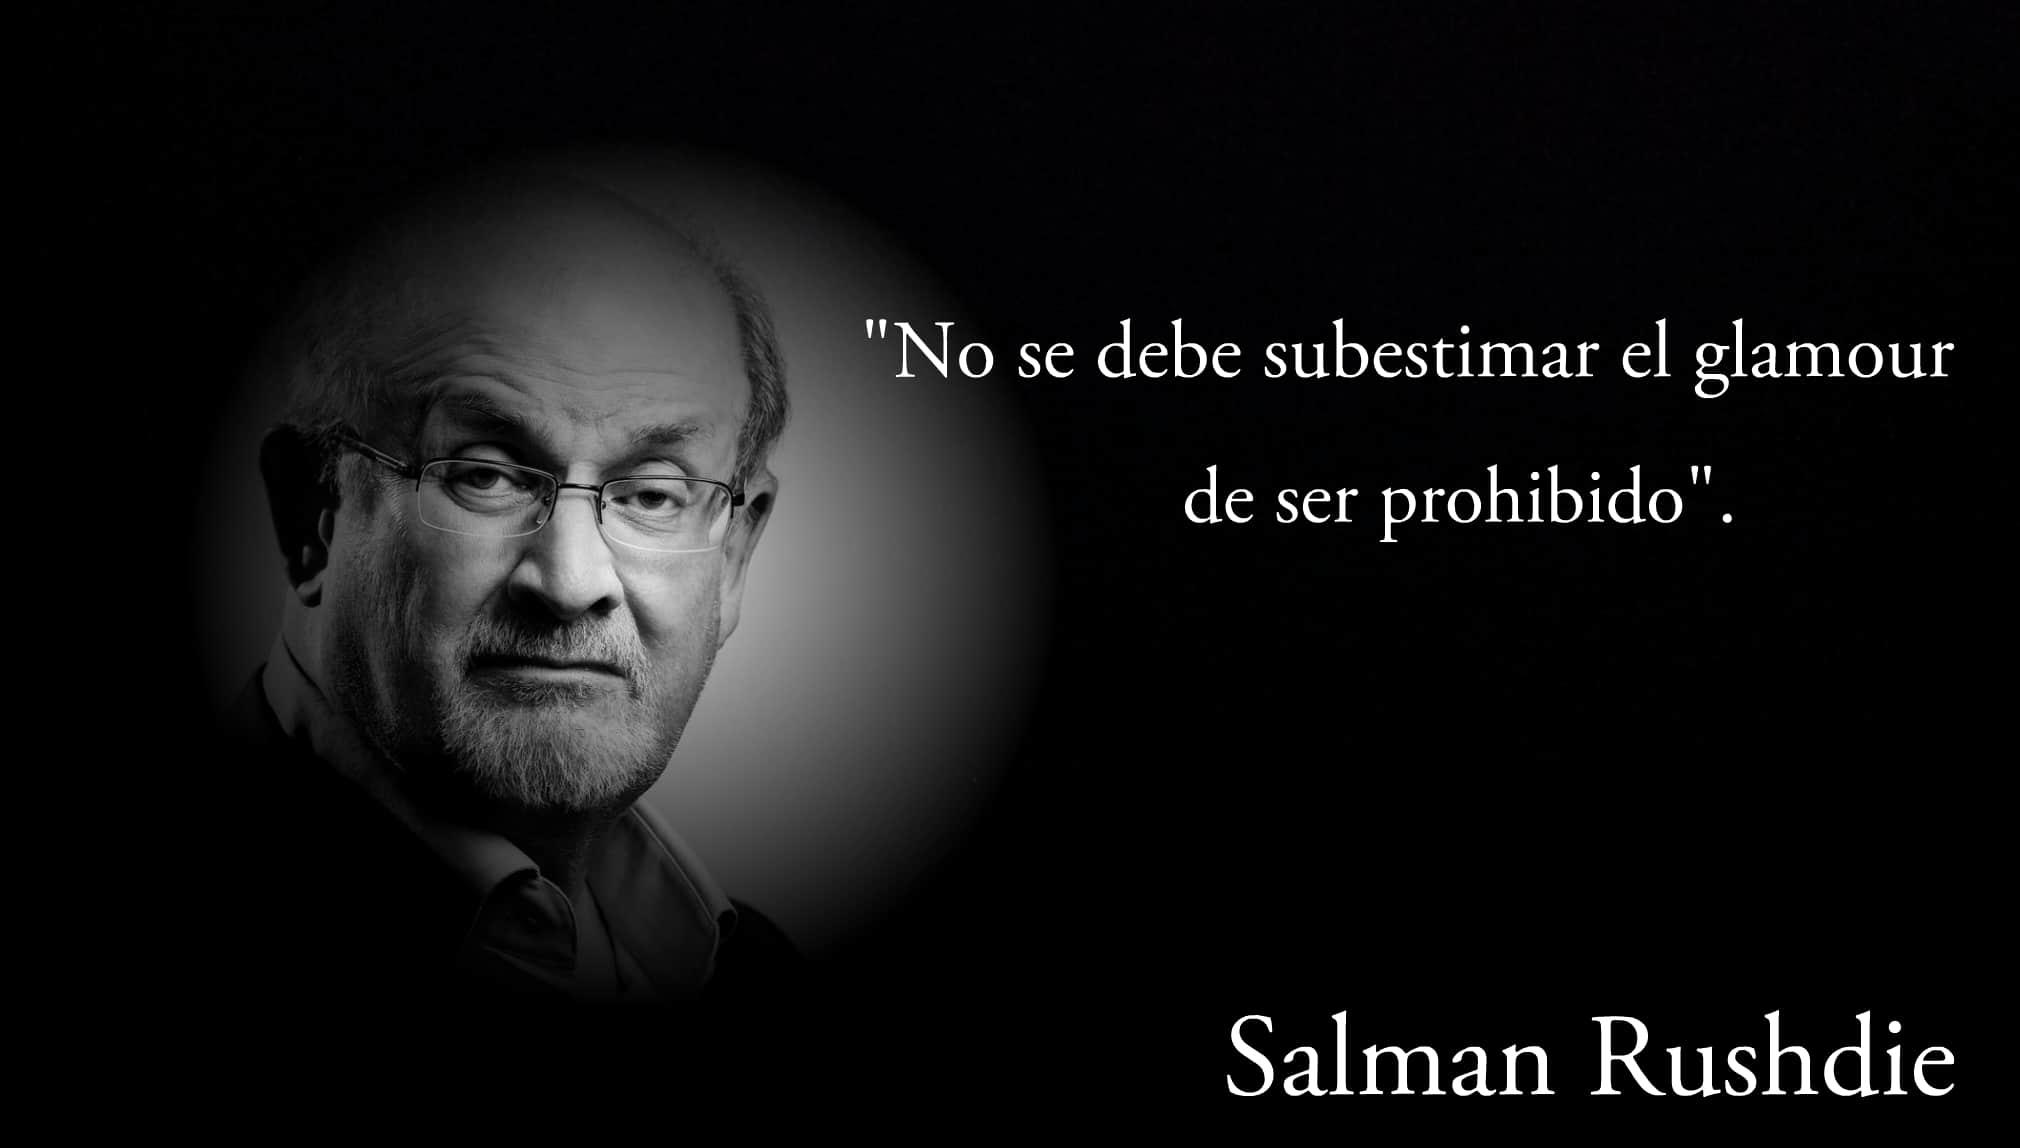 Frase de Salman Rushdie.